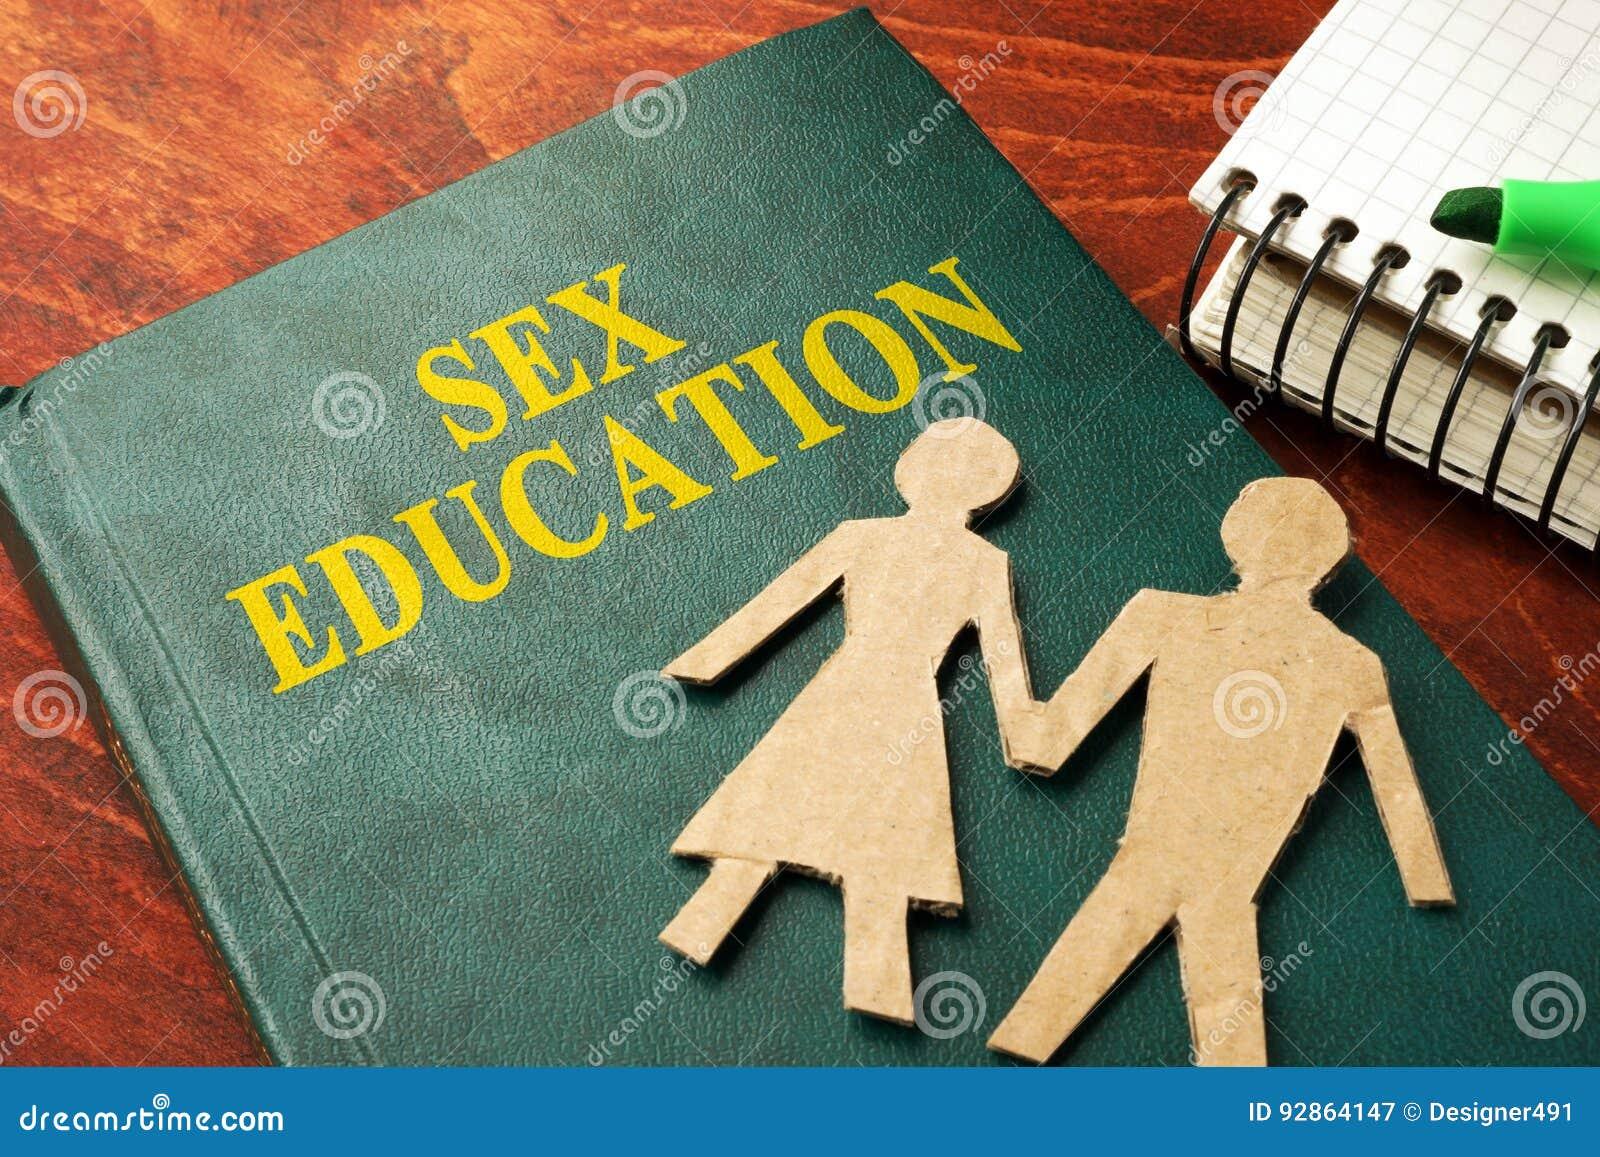 Livro com educação sexual do título